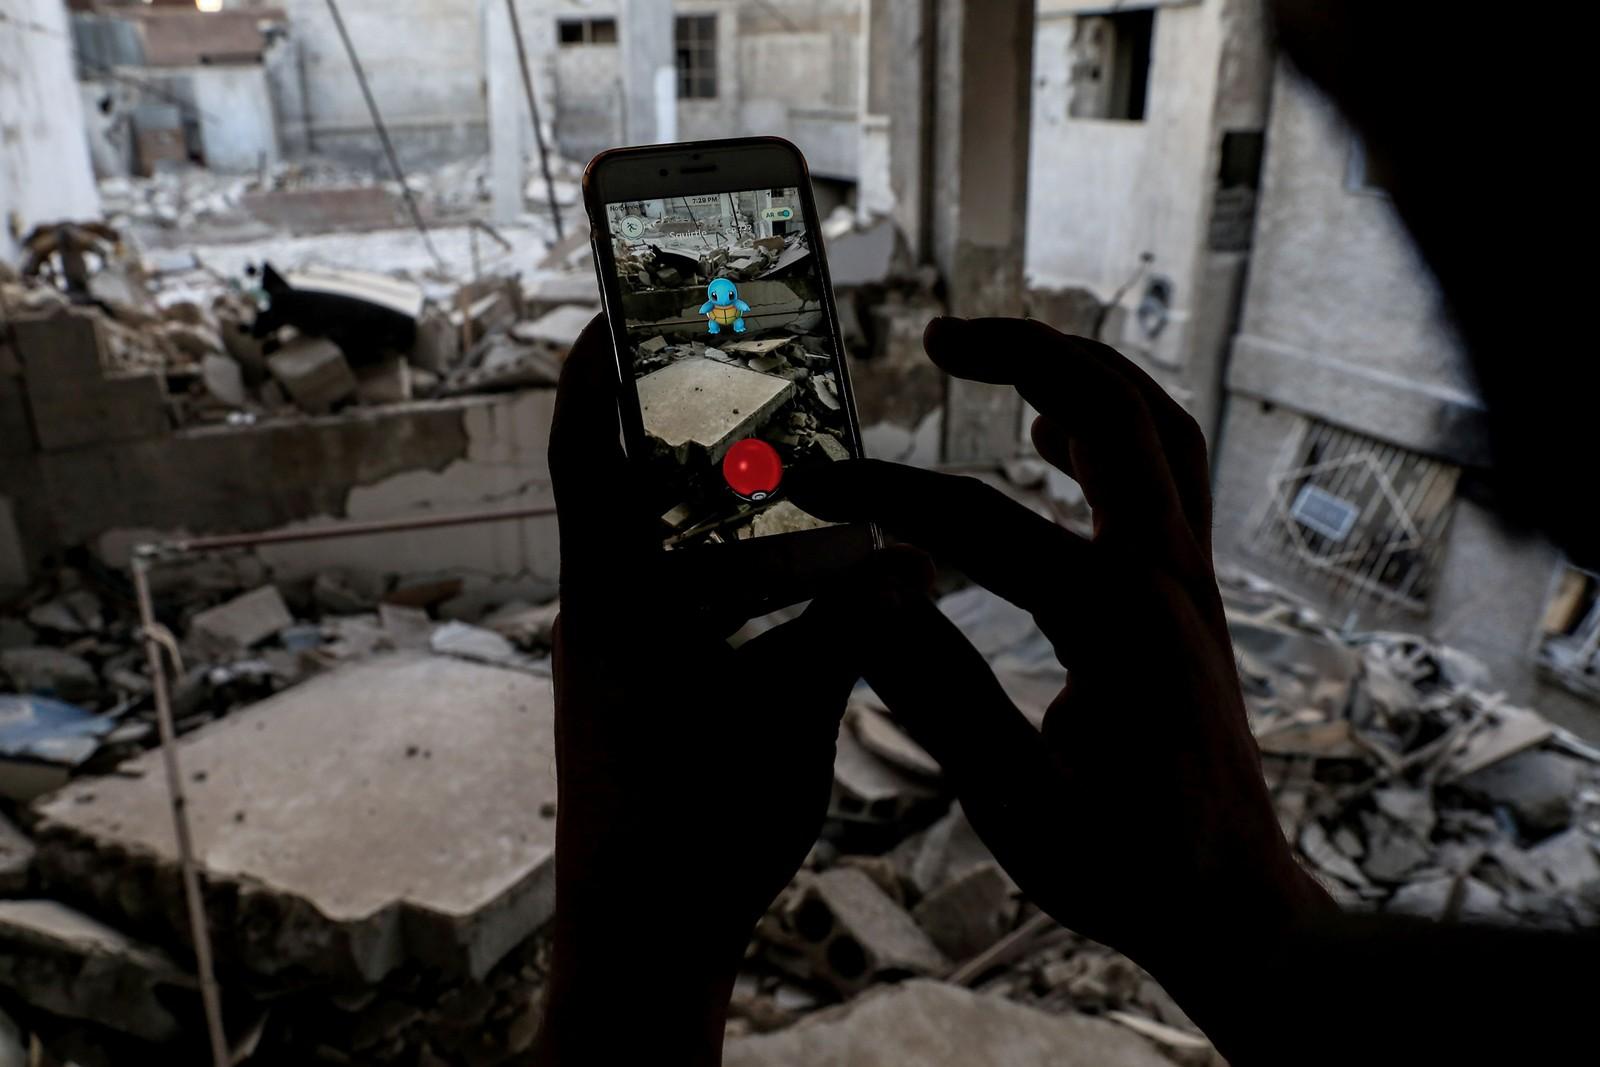 En syrisk spillentusiast spiller Pokemon Go på mobilen, og klarer å fange en Pokemon i ruinene av en bygning i Duma den 23. juli.